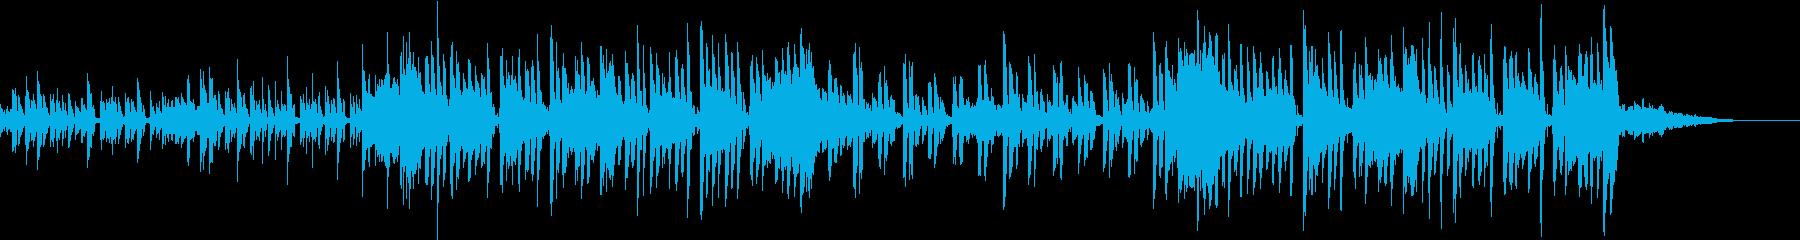 ゆっくりしたカワイイBGMの再生済みの波形